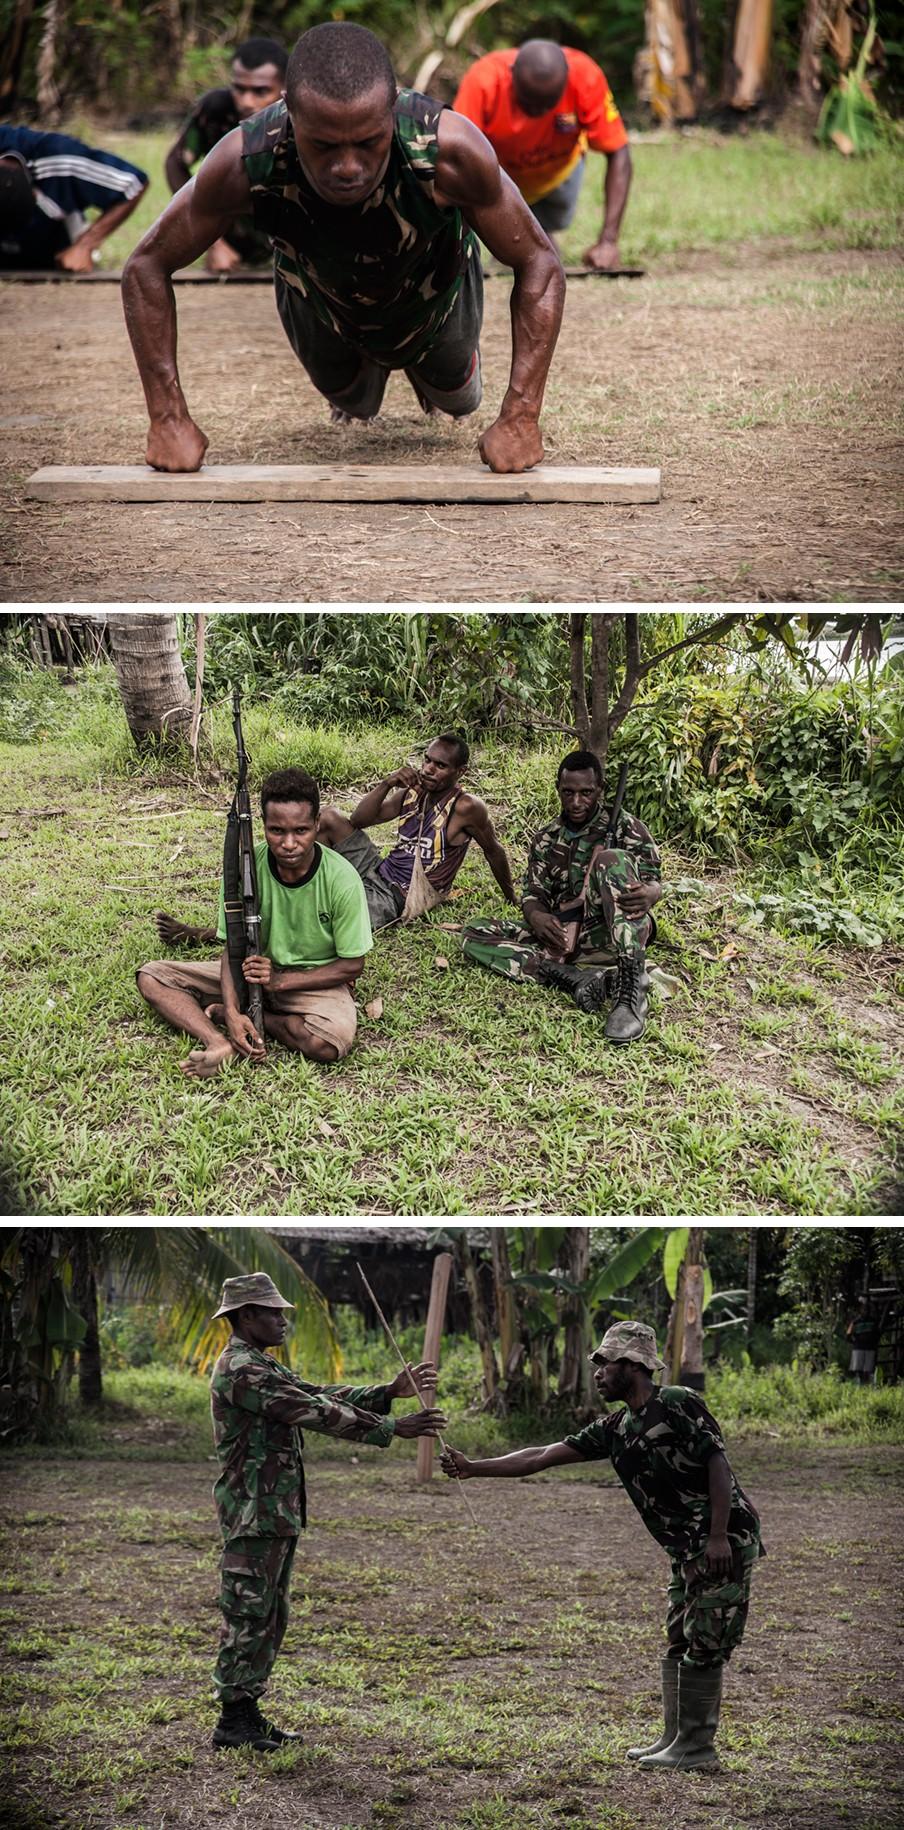 Organisasi Papua Merdeka (OPM). Ze strijden al ruim vijftig jaar tegen Indonesië voor een onafhankelijk West-Papoea, betreuren honderdduizenden doden en zijn hun leven geen moment van de dag zeker. Foto's: Andreas Stahl